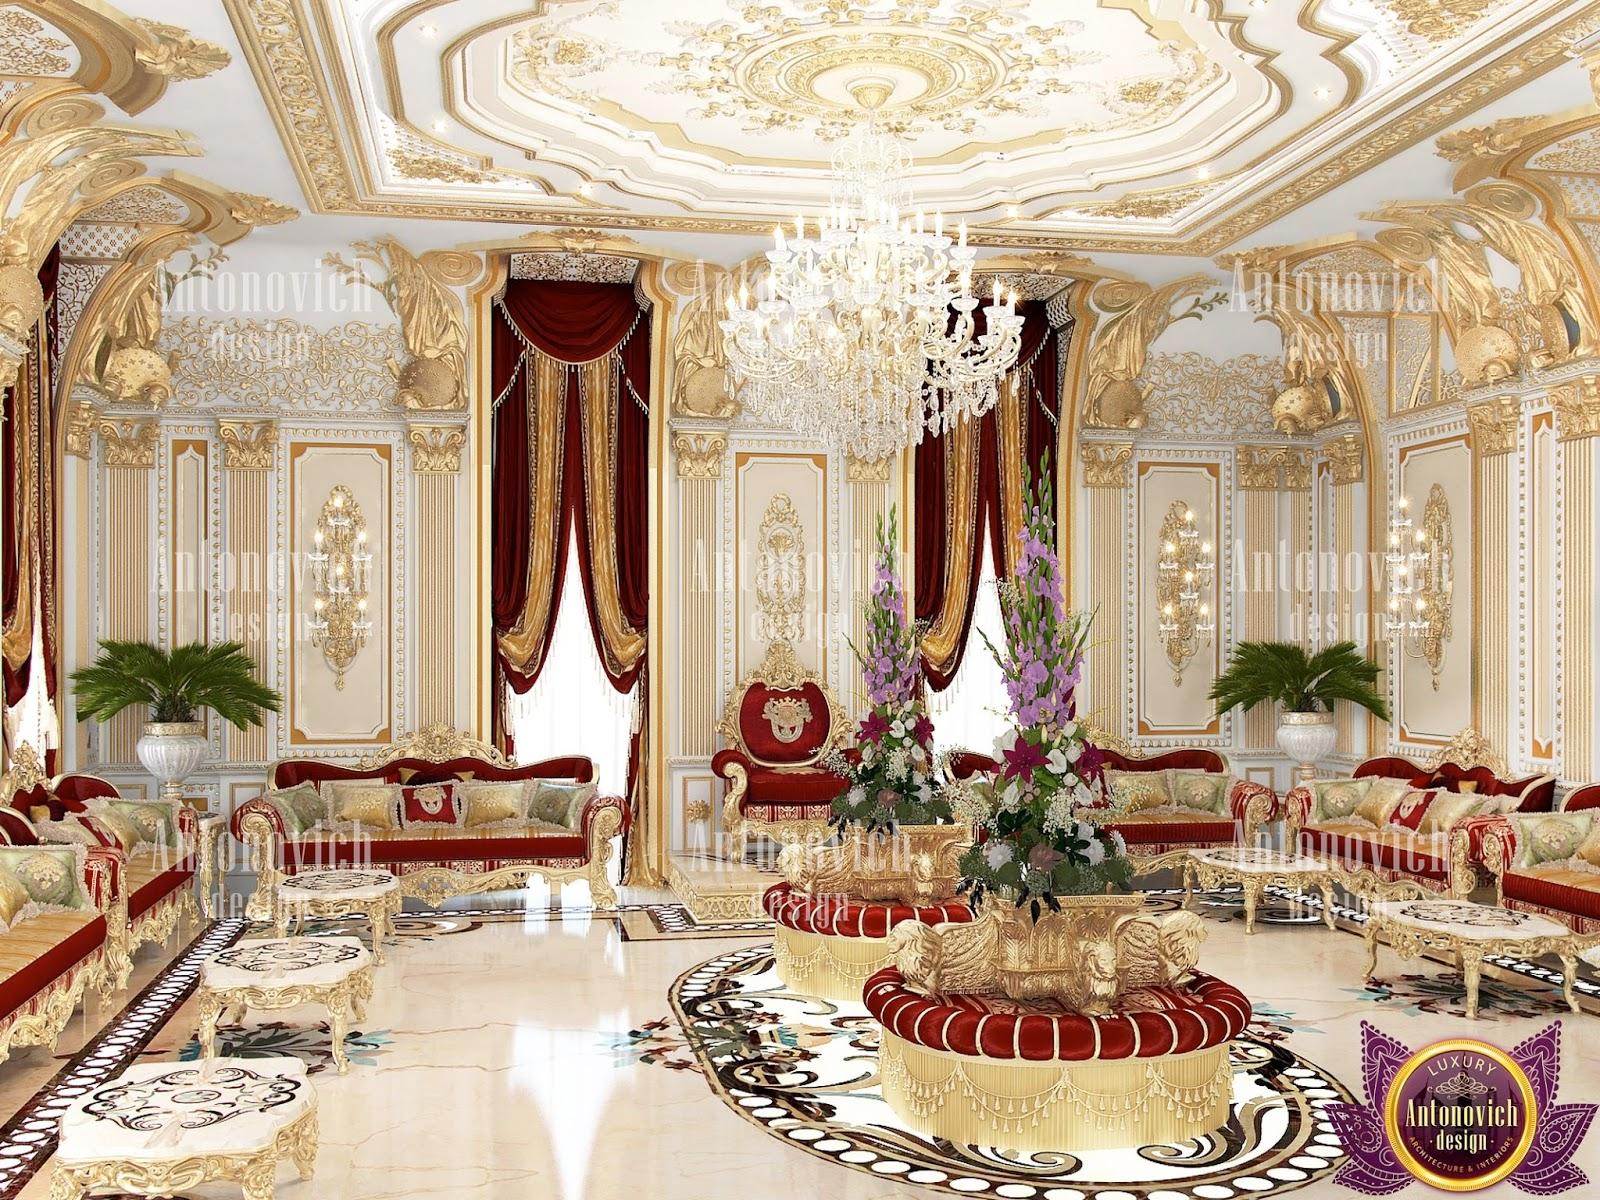 Palace Interiors, Katrina Antonovich